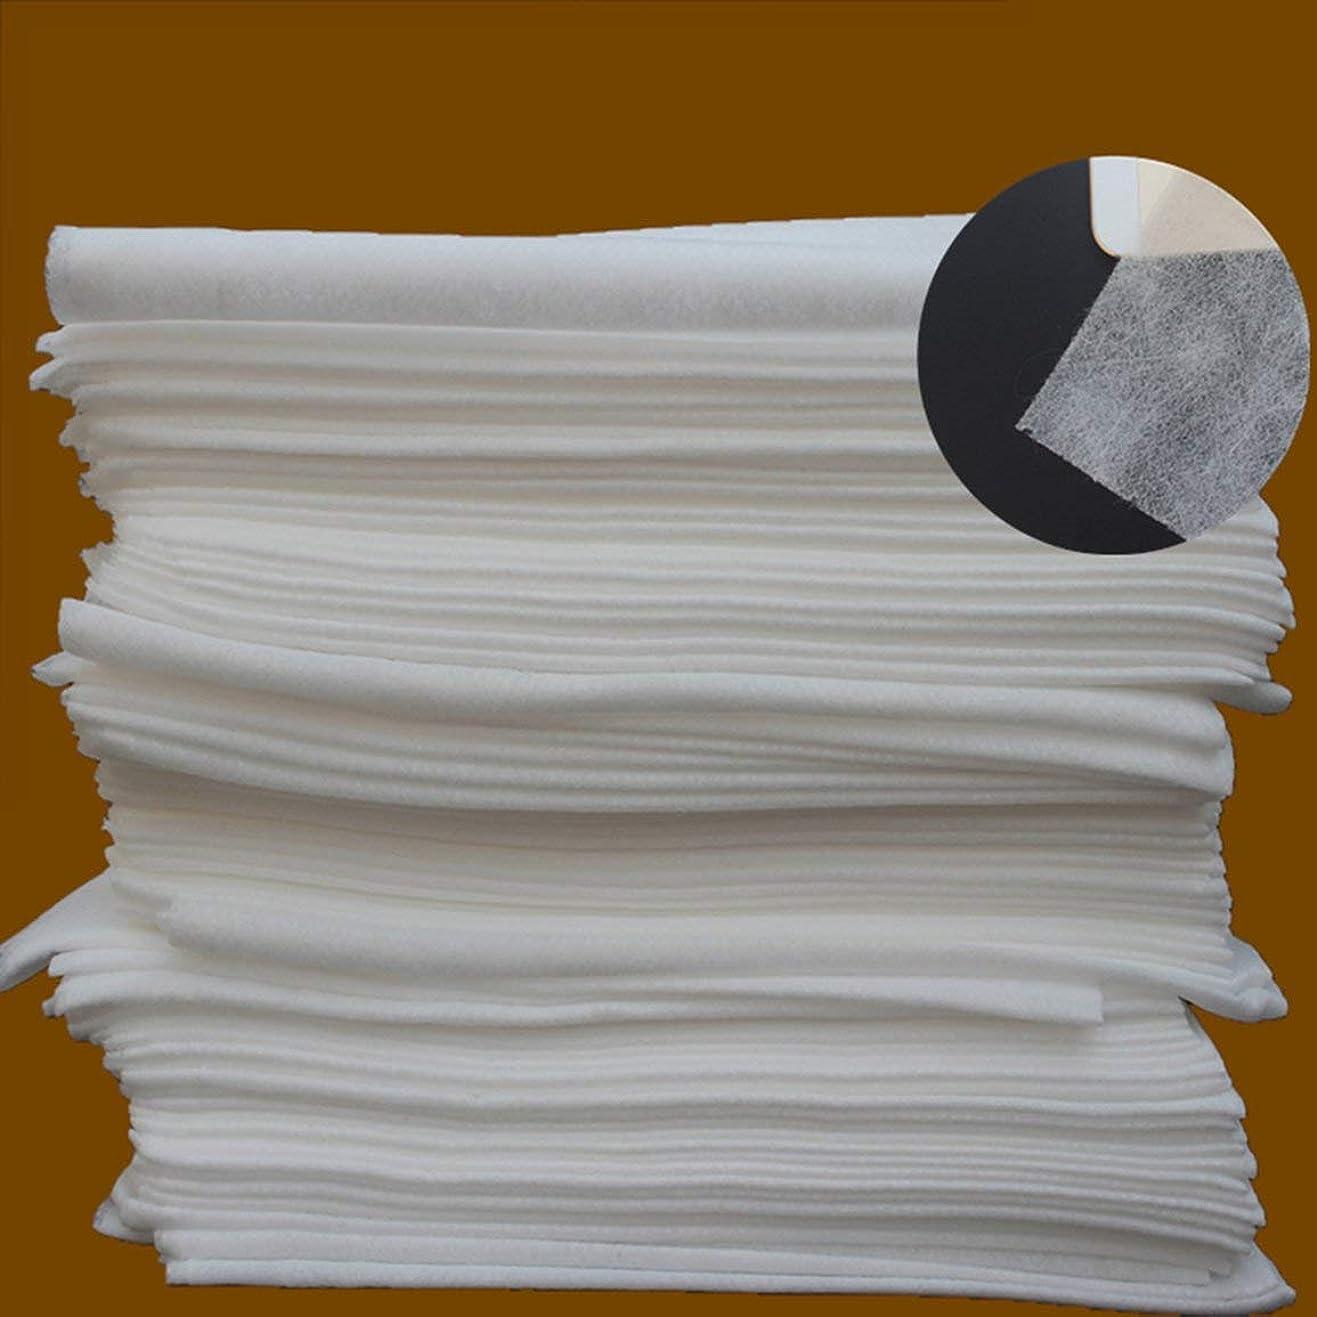 学生ヘルパー神学校旅行スパサロンワックスマッサージトリートメント用ホワイト10個使い捨てベッドシーツ - ホワイト